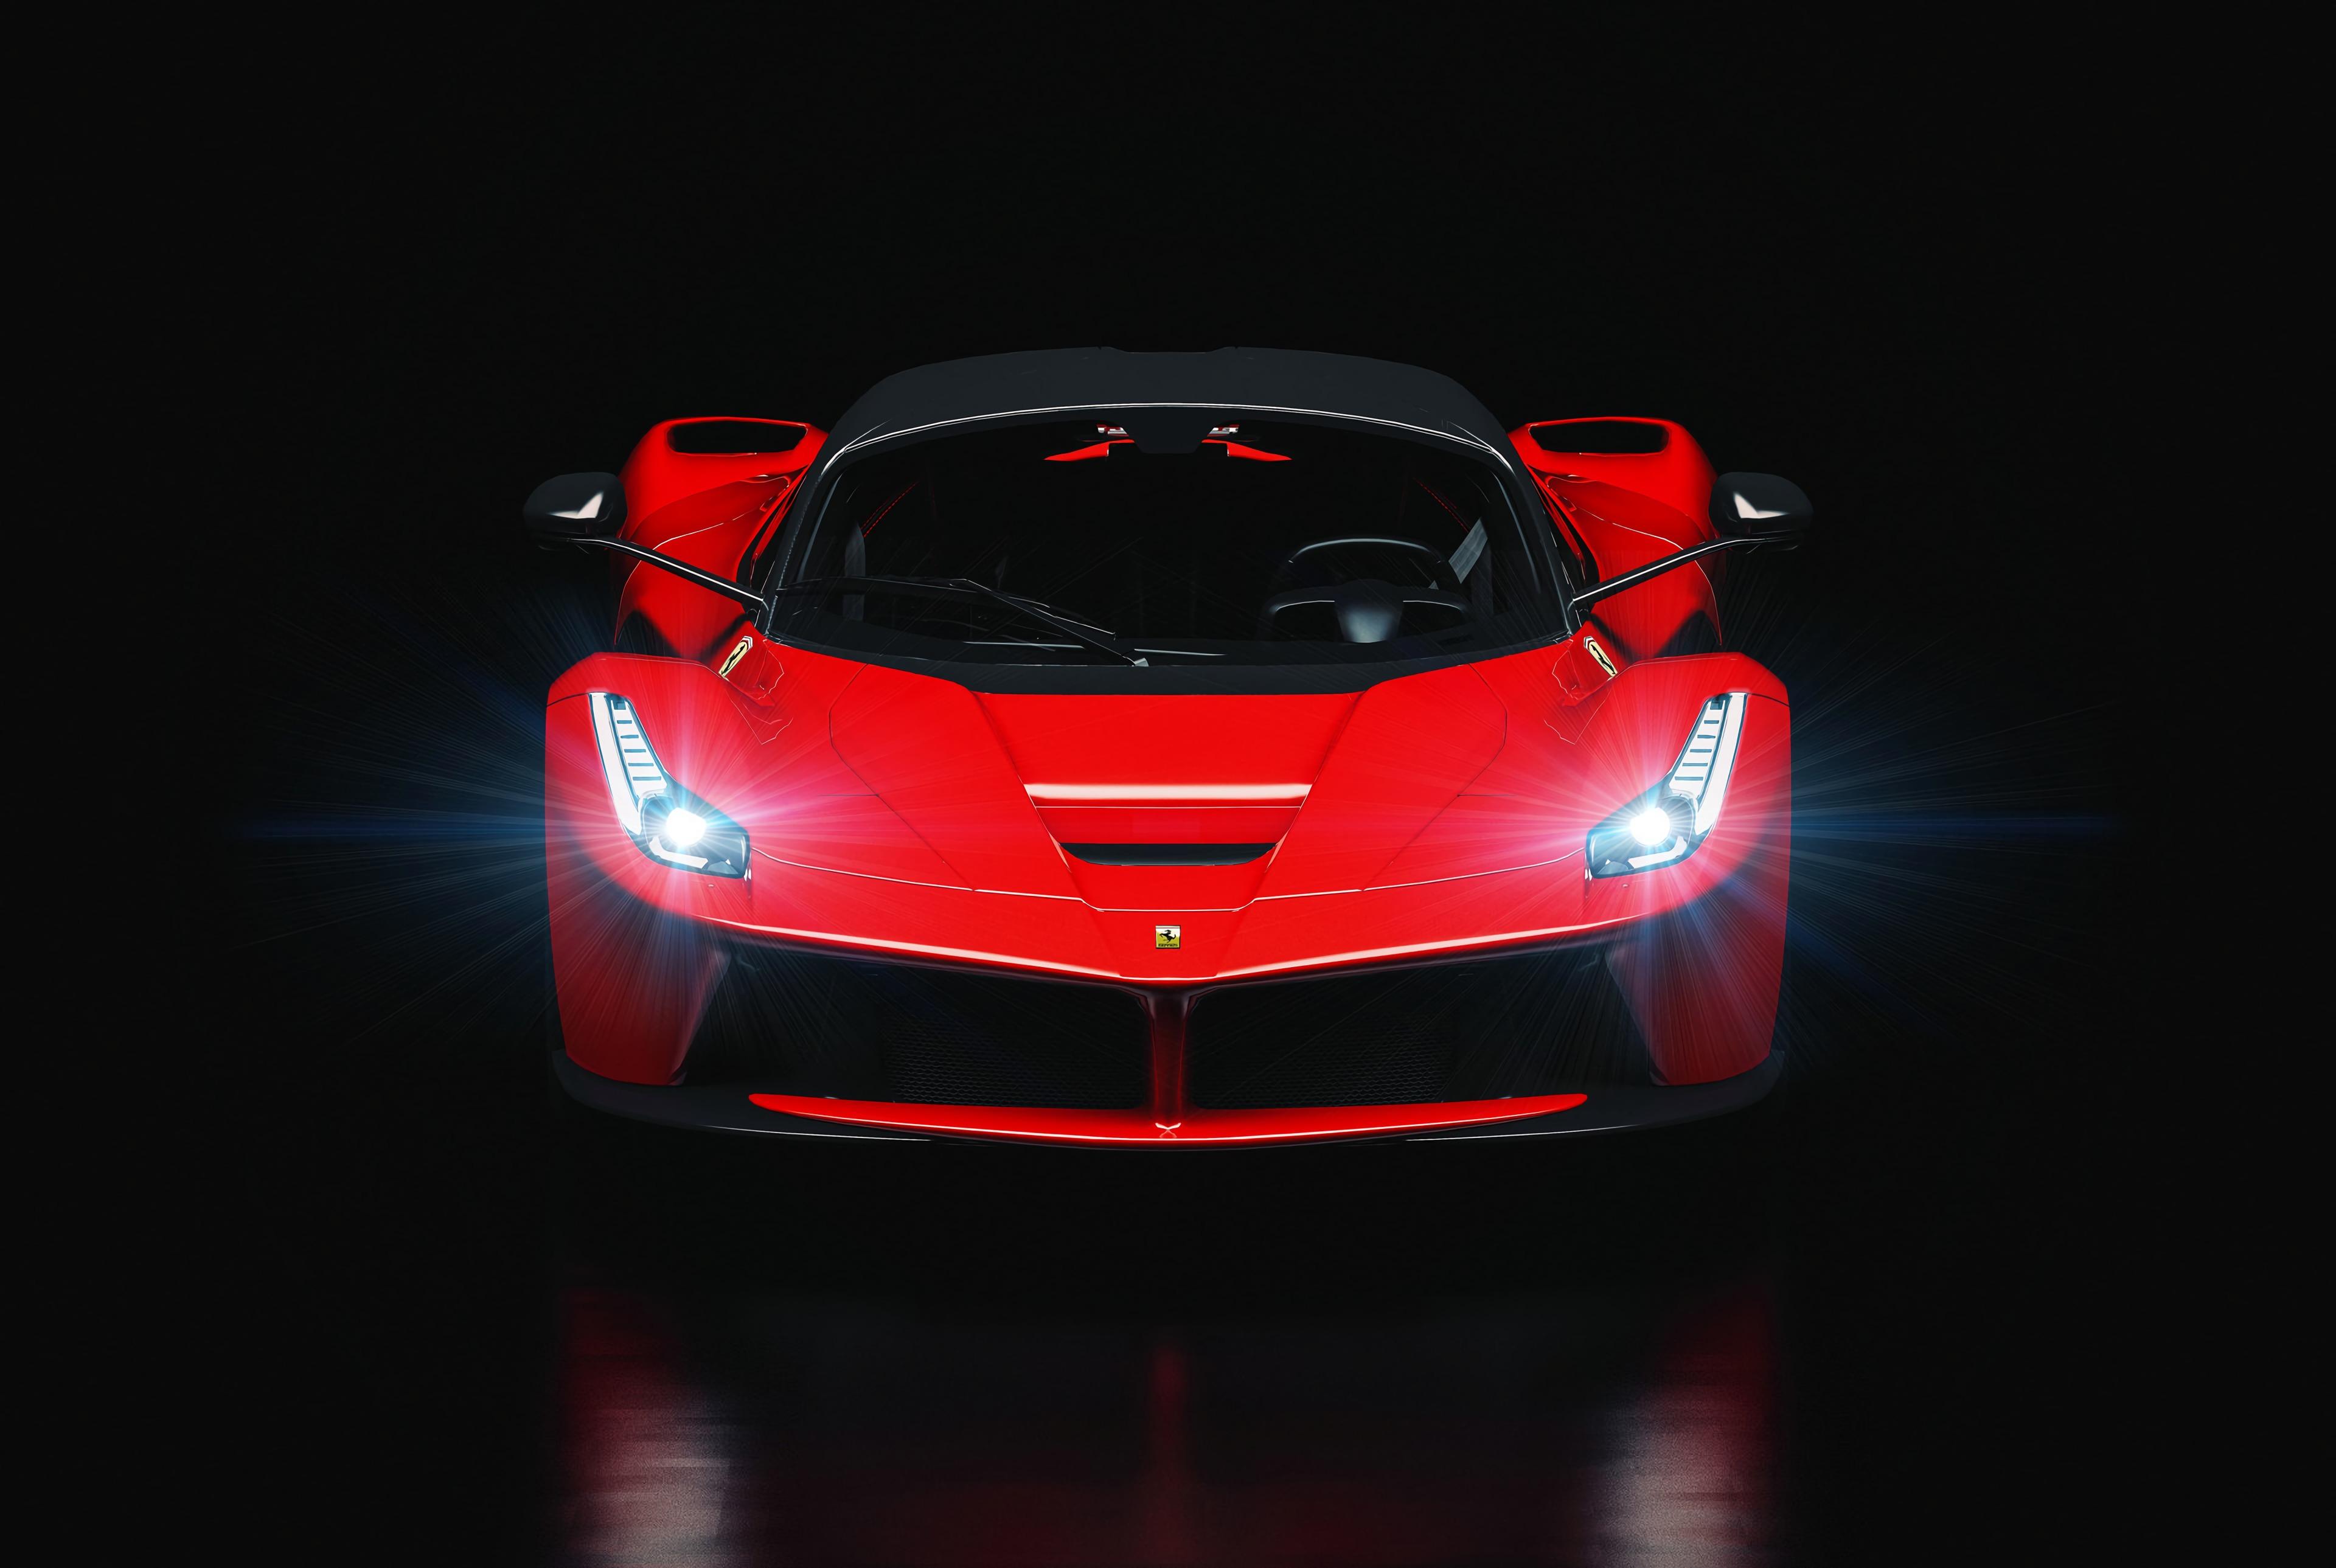 87813 Заставки и Обои Фары на телефон. Скачать Свечение, Феррари (Ferrari), Тачки (Cars), Машина, Спорткар, Фары картинки бесплатно